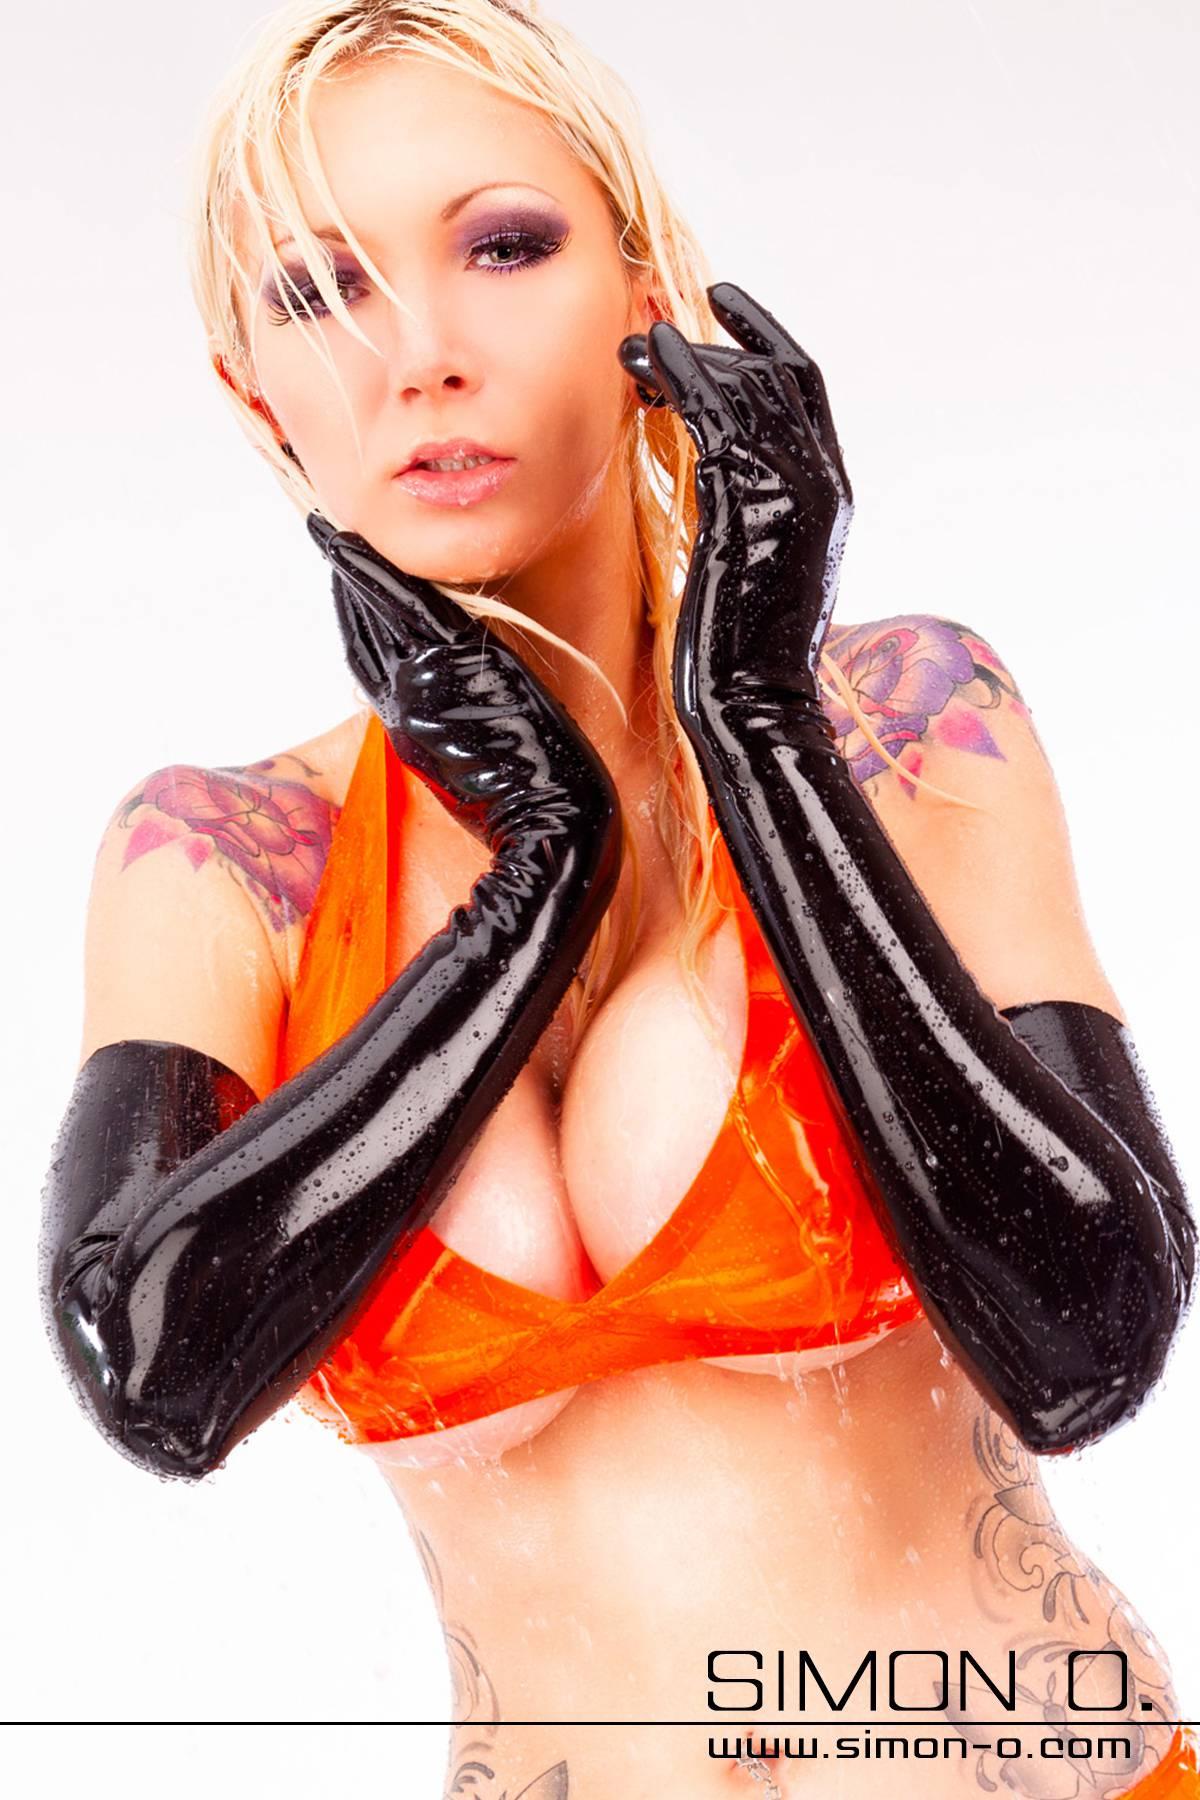 Eine Frau trägt oberarmlange Latex Handschuhe in glänzenden Schwarz